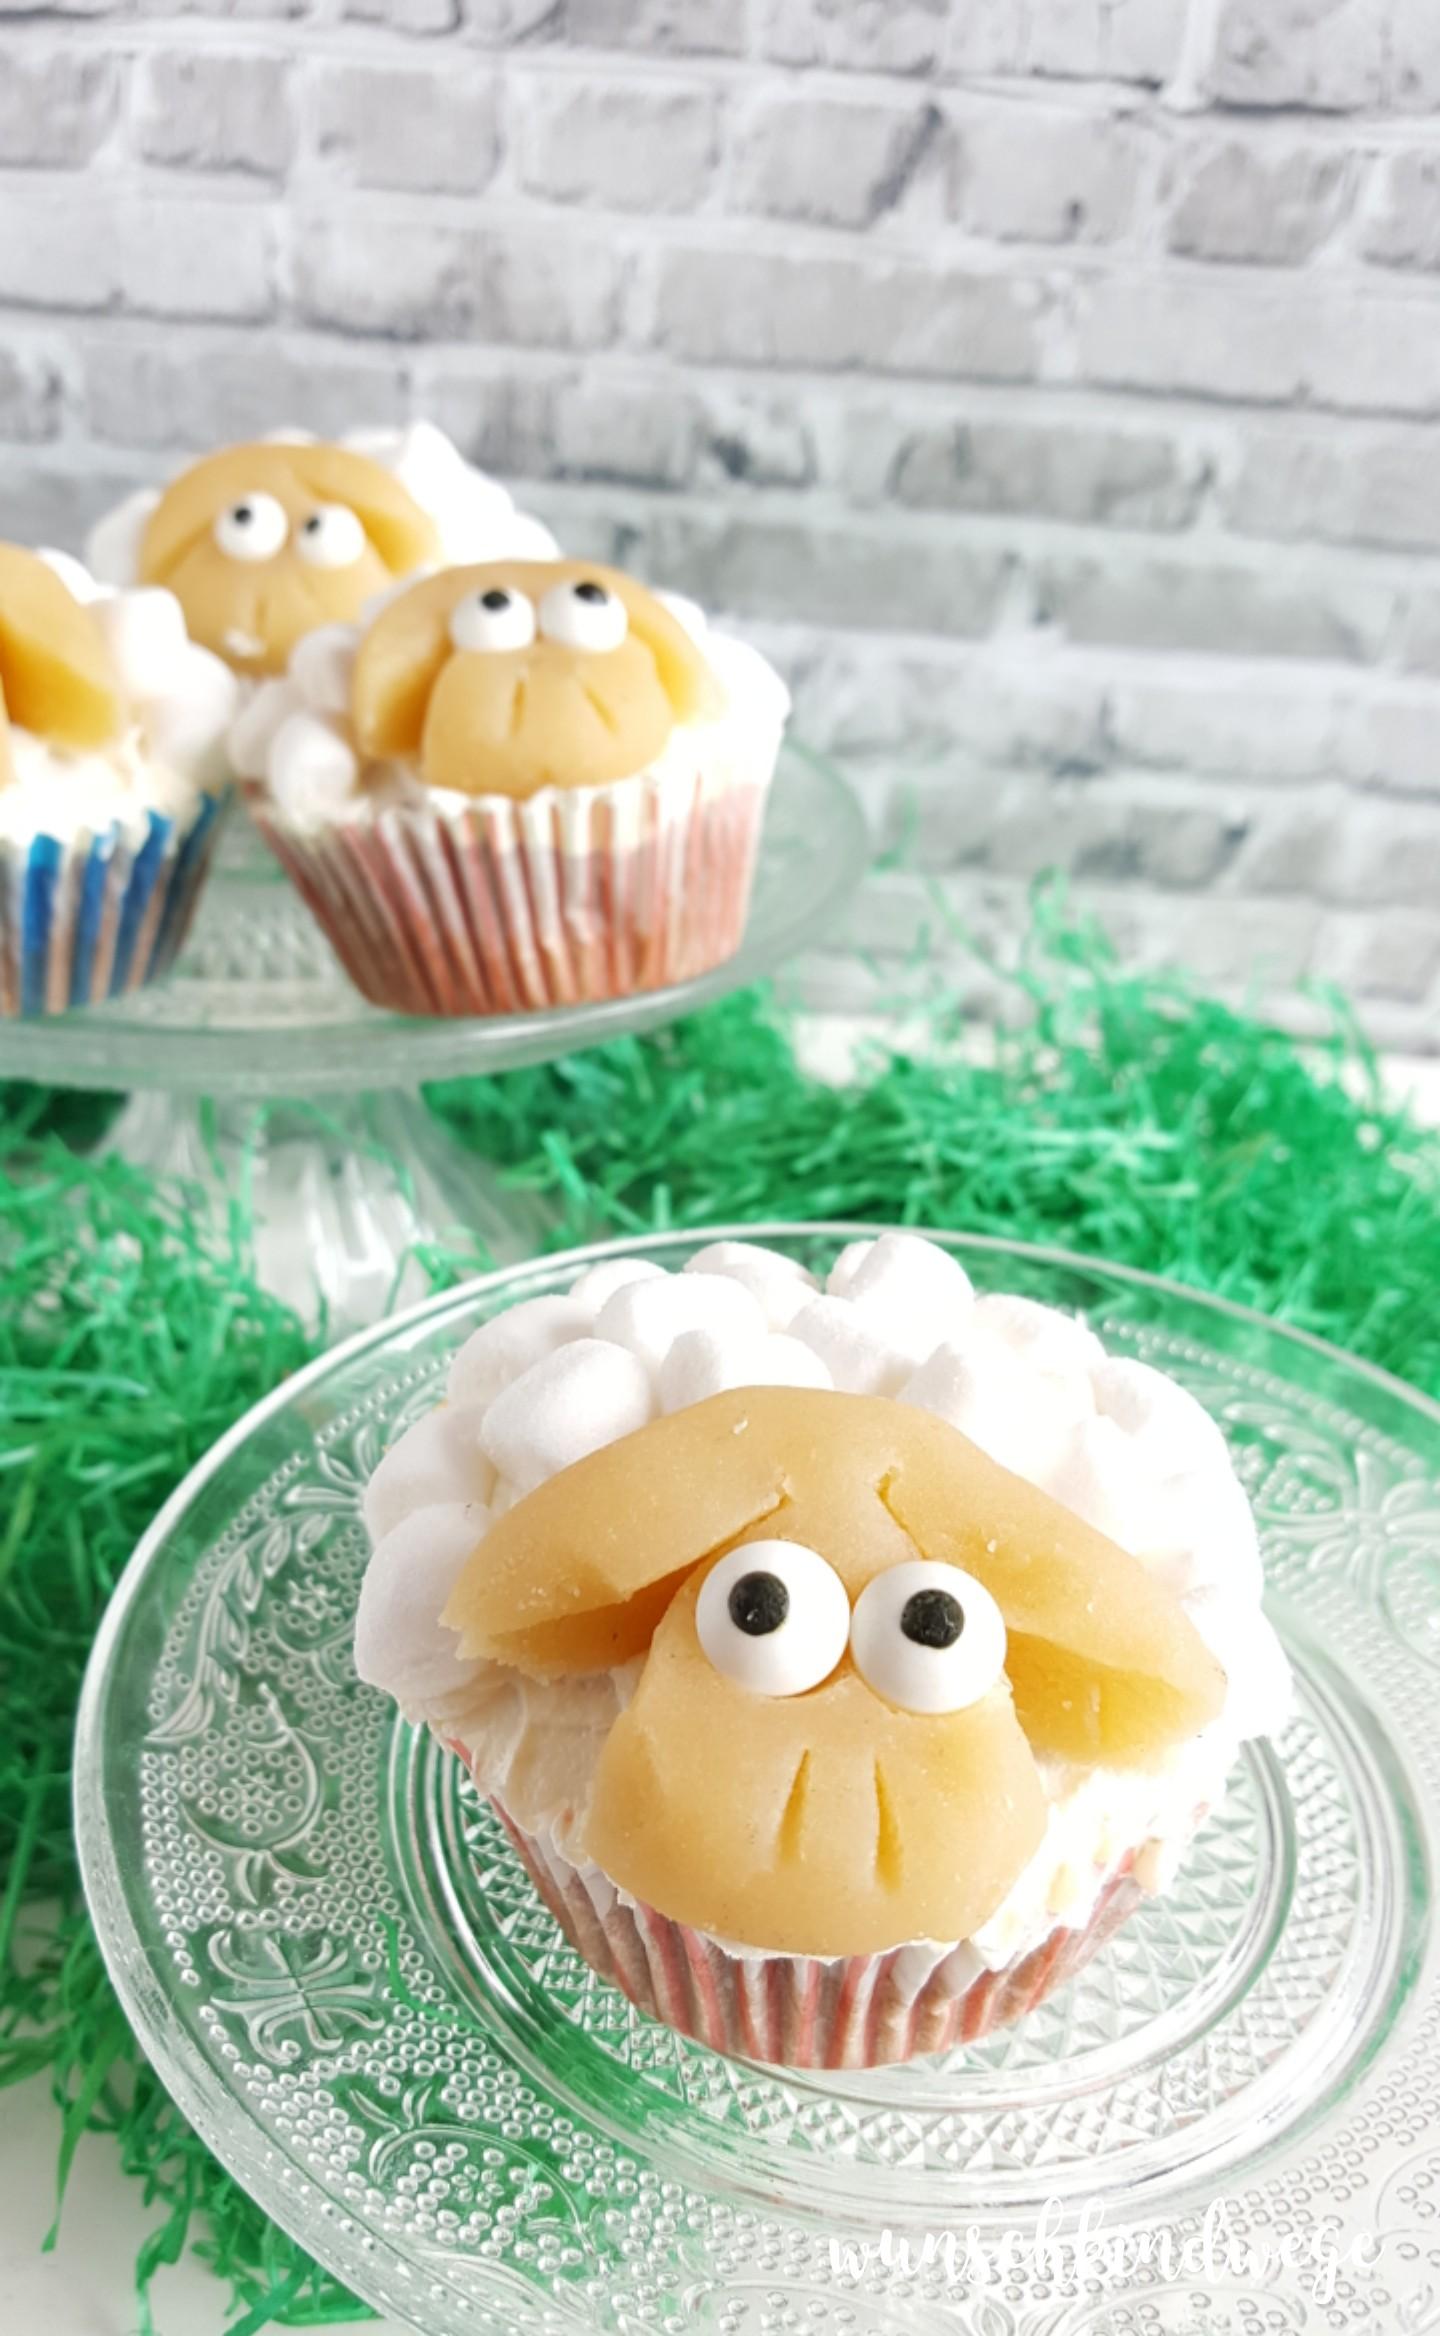 Osterwochenende in Bildern: Schäfchen Cupcakes